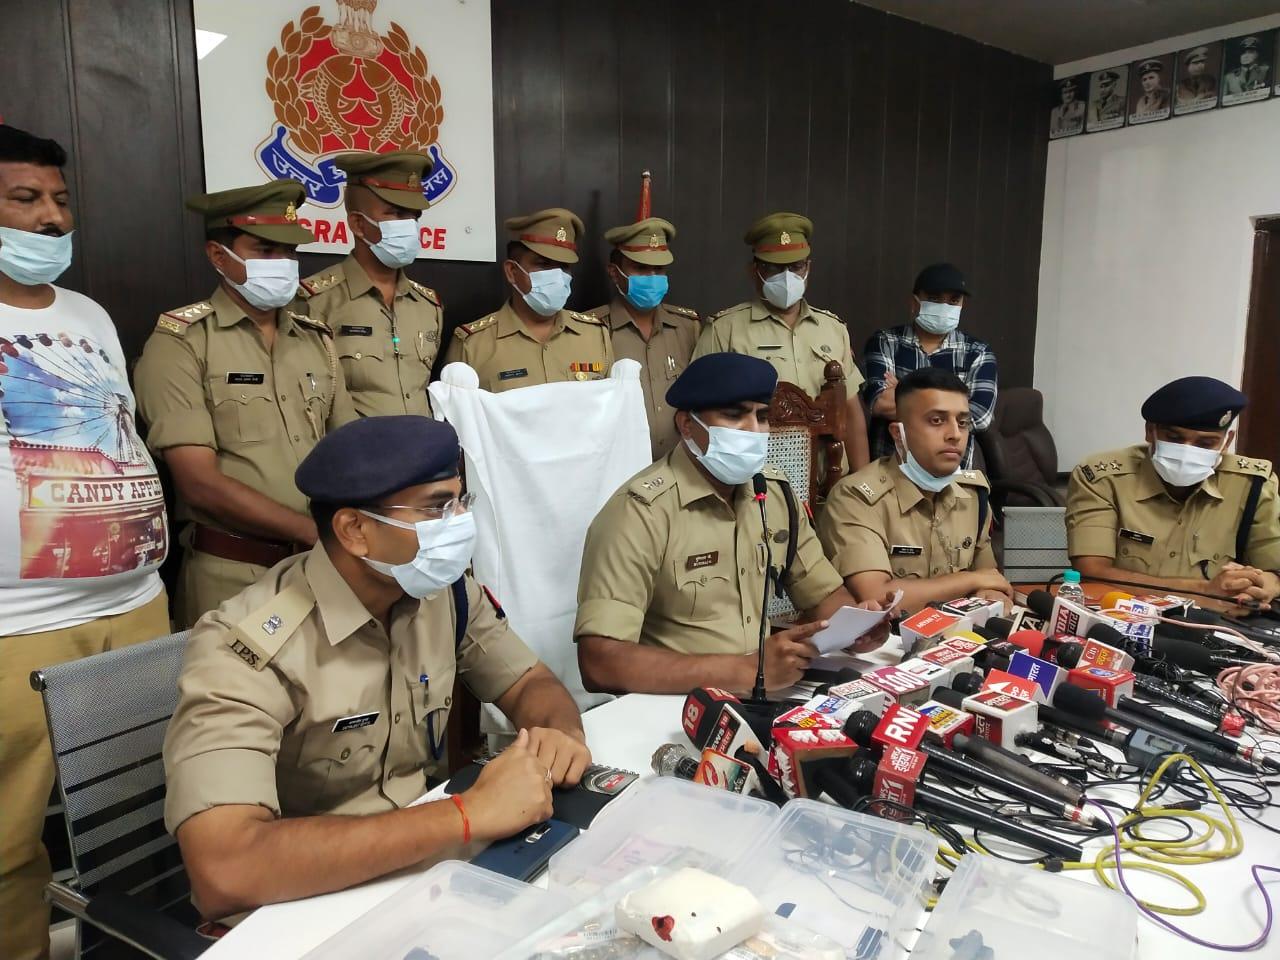 मणप्पुरम गोल्ड लोन कंपनी में डकैती: पांच बदमाशों ने की थी वारदात, 7.5 किलो सोना व नकदी बरामद